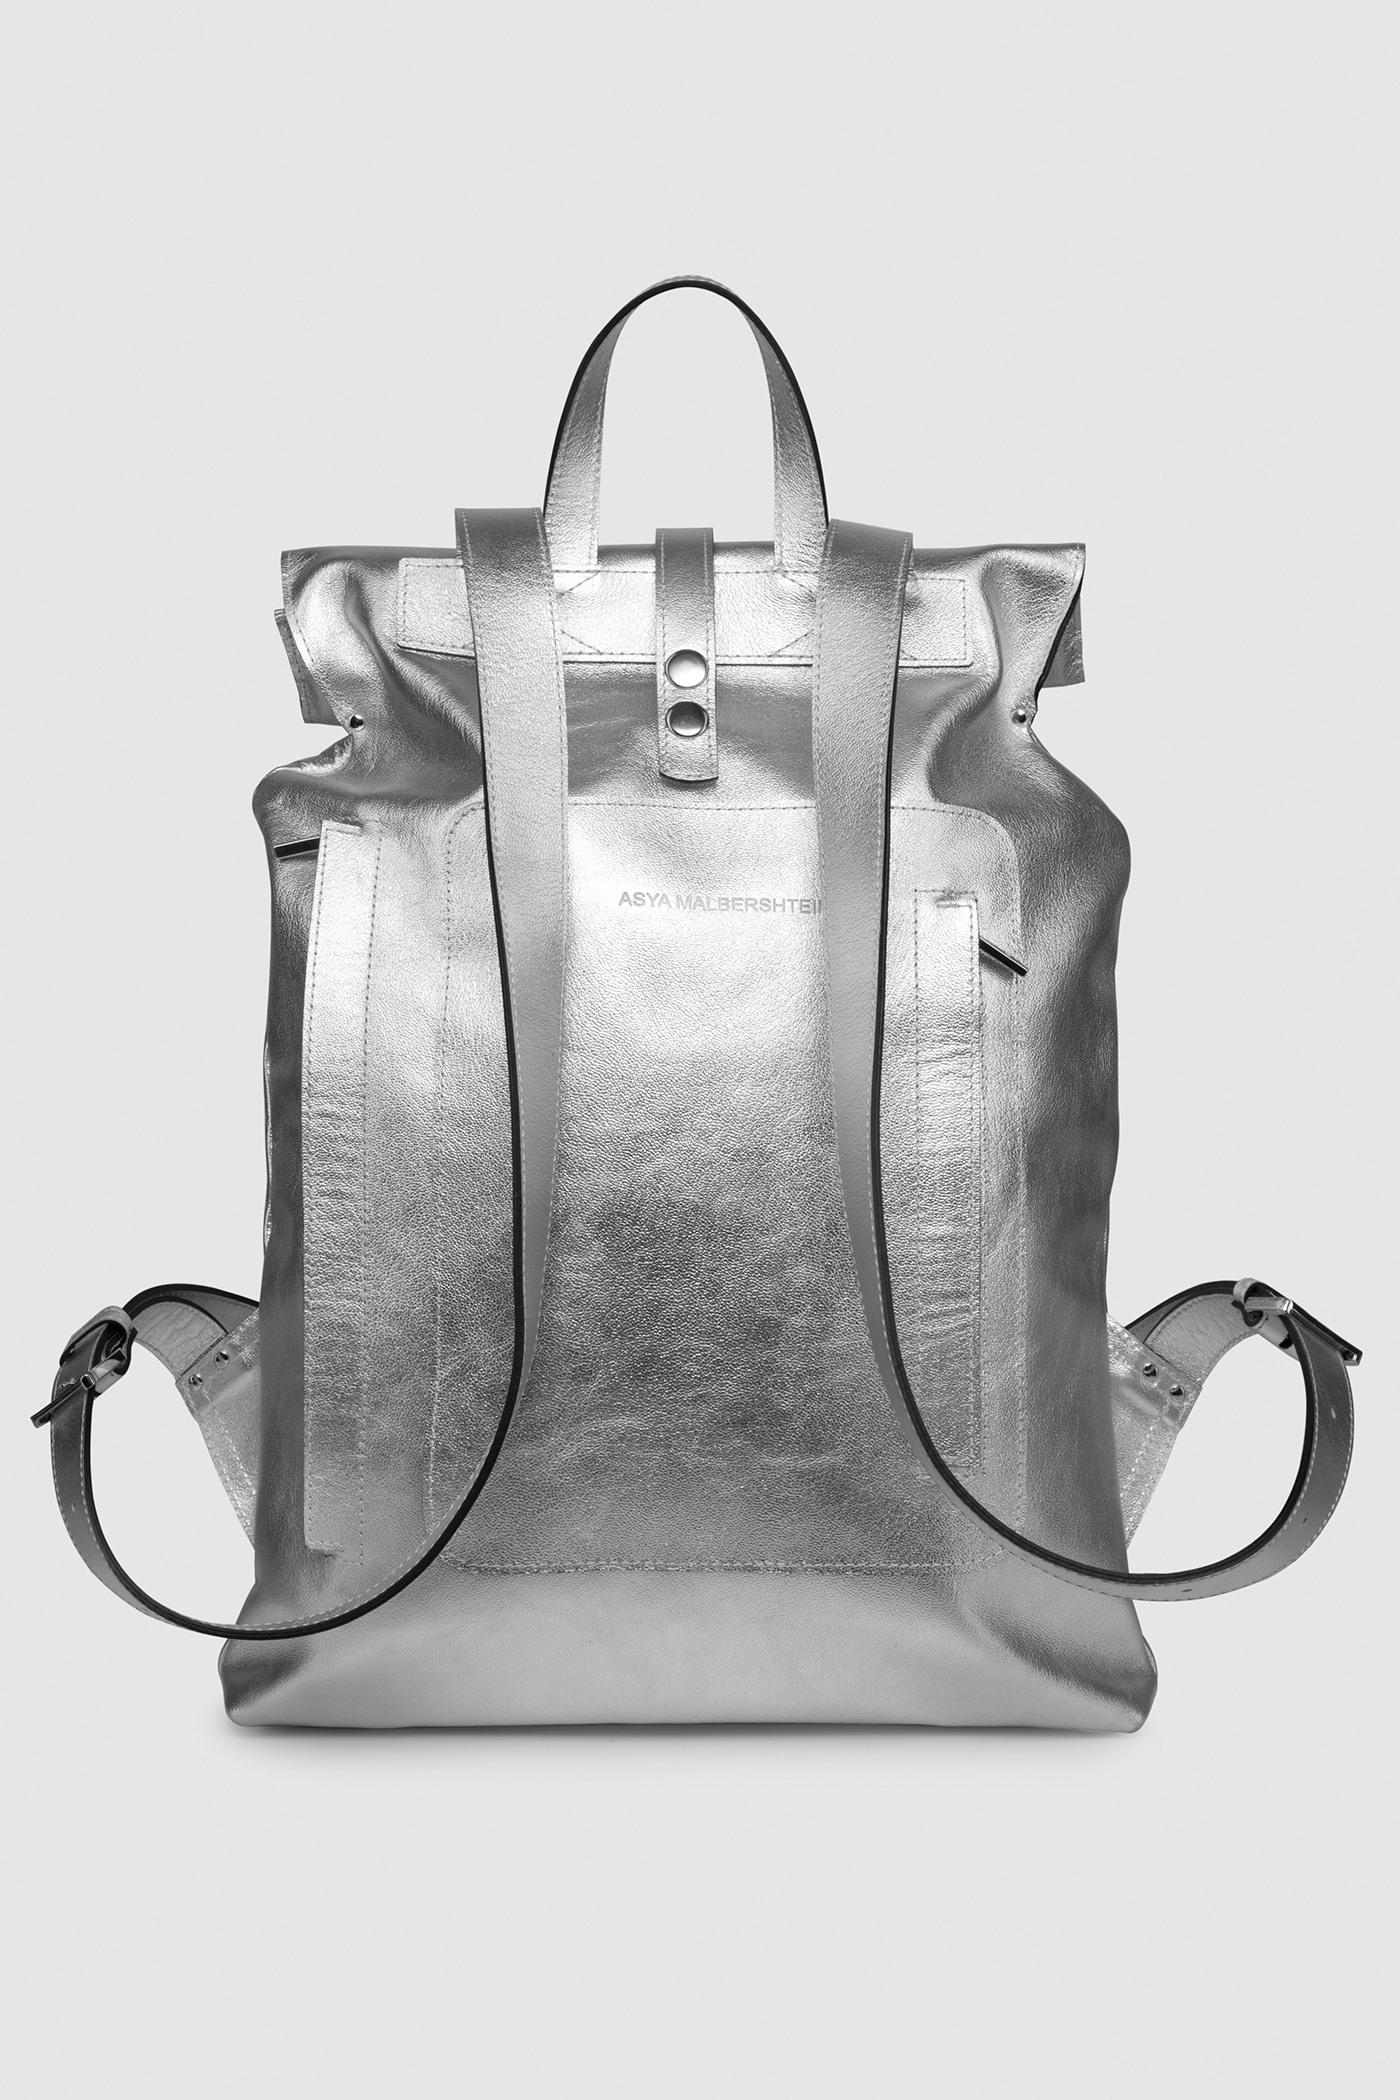 Рюкзак среднего размераГородской рюкзак прямоугольной формы из кожи&#13;<br>&#13;<br>&#13;<br>лямки на регуляторах&#13;<br>&#13;<br>тканевая подкладка&#13;<br>&#13;<br>закрывается на кнопки и хлястик&#13;<br>&#13;<br>внешний накладной карман на хлястике&#13;<br>&#13;<br>на задней поверхности рюкзака дополнительный доступ в основной отсек через молнию и потайной карман на молнии&#13;<br>&#13;<br>размеры: 44х33 см, ширина горла 26 см<br><br>Цвет: Серебро<br>Размер: one size